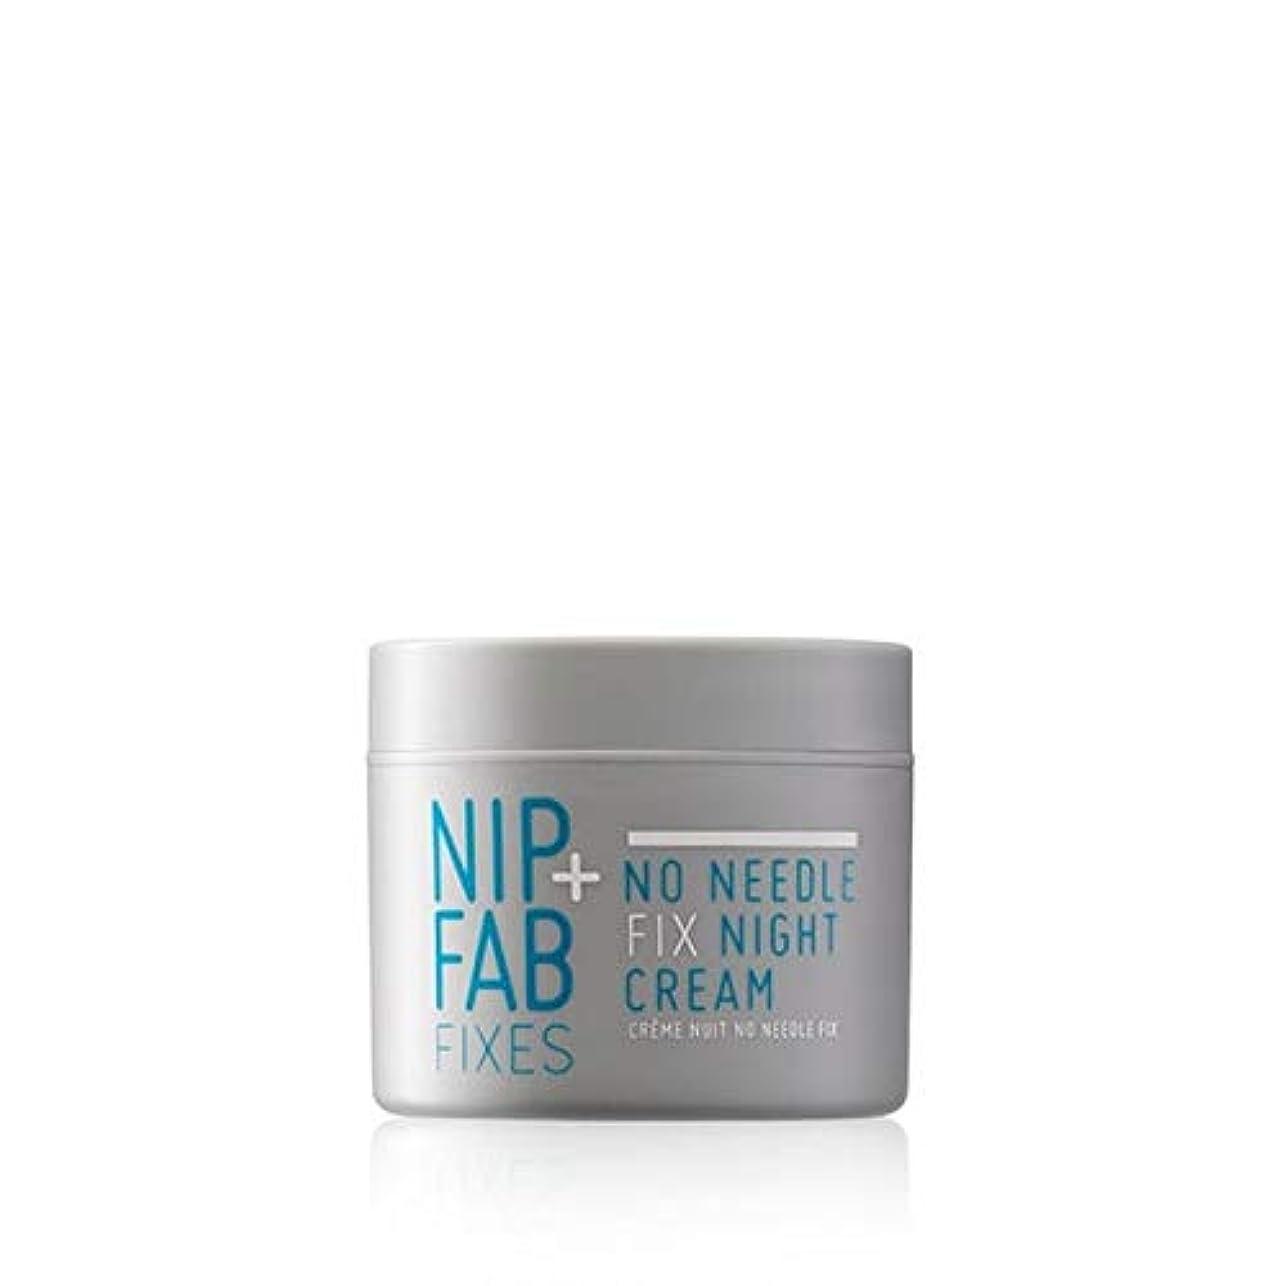 民間人マニアック杖[Nip & Fab ] 何針修正ナイトクリームをファブない+ニップ - Nip+Fab No Needle Fix Night Cream [並行輸入品]